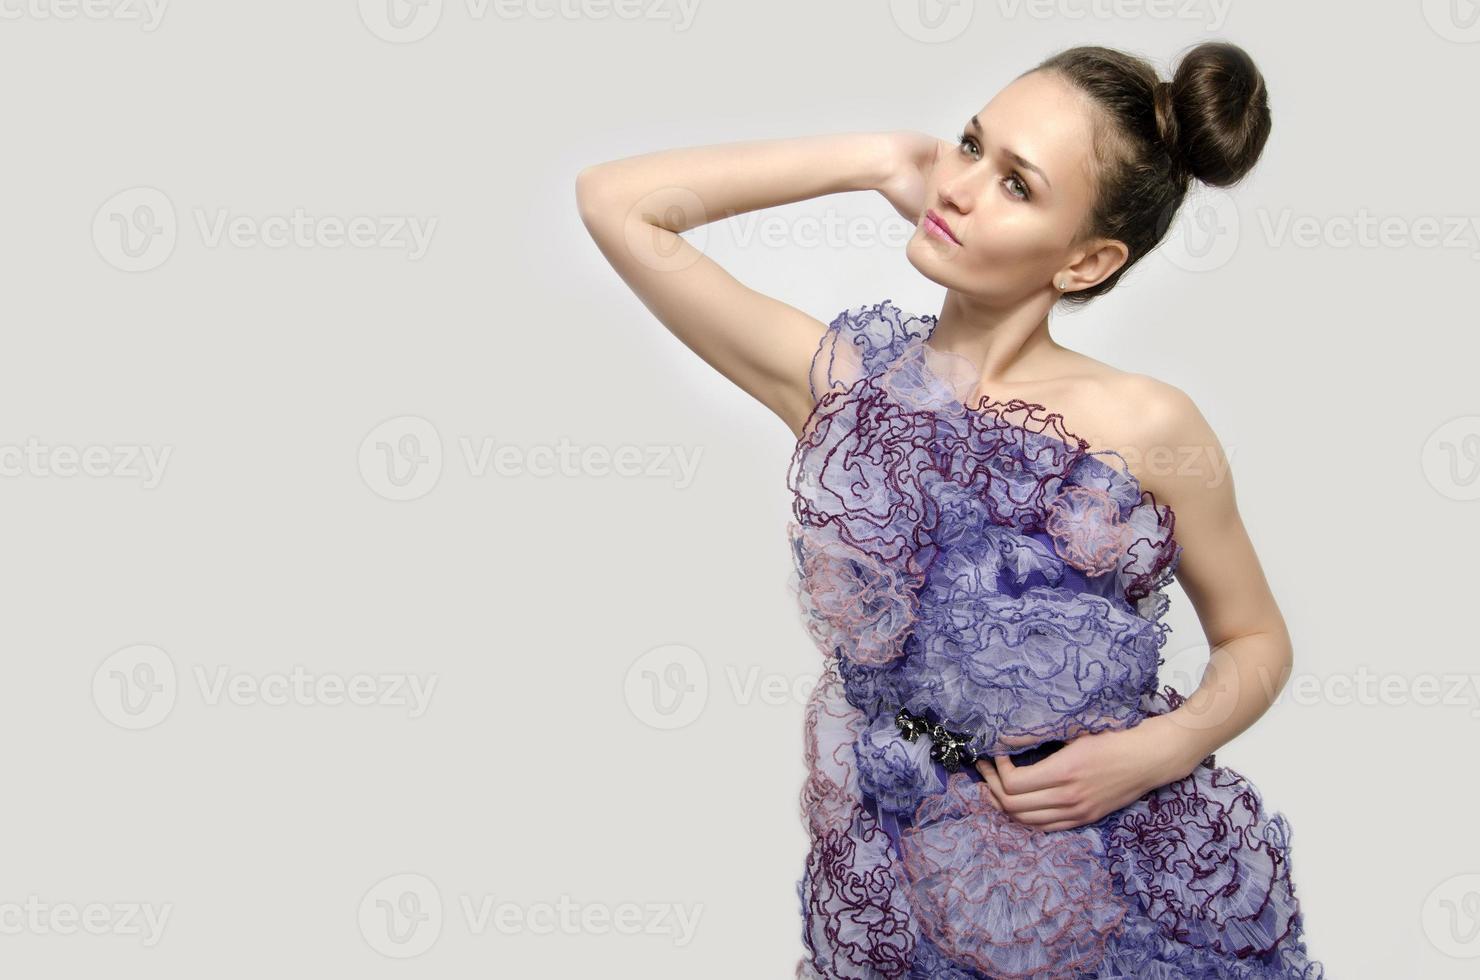 mooie vrouw draagt een paarse jurk met kanten bloemen. foto